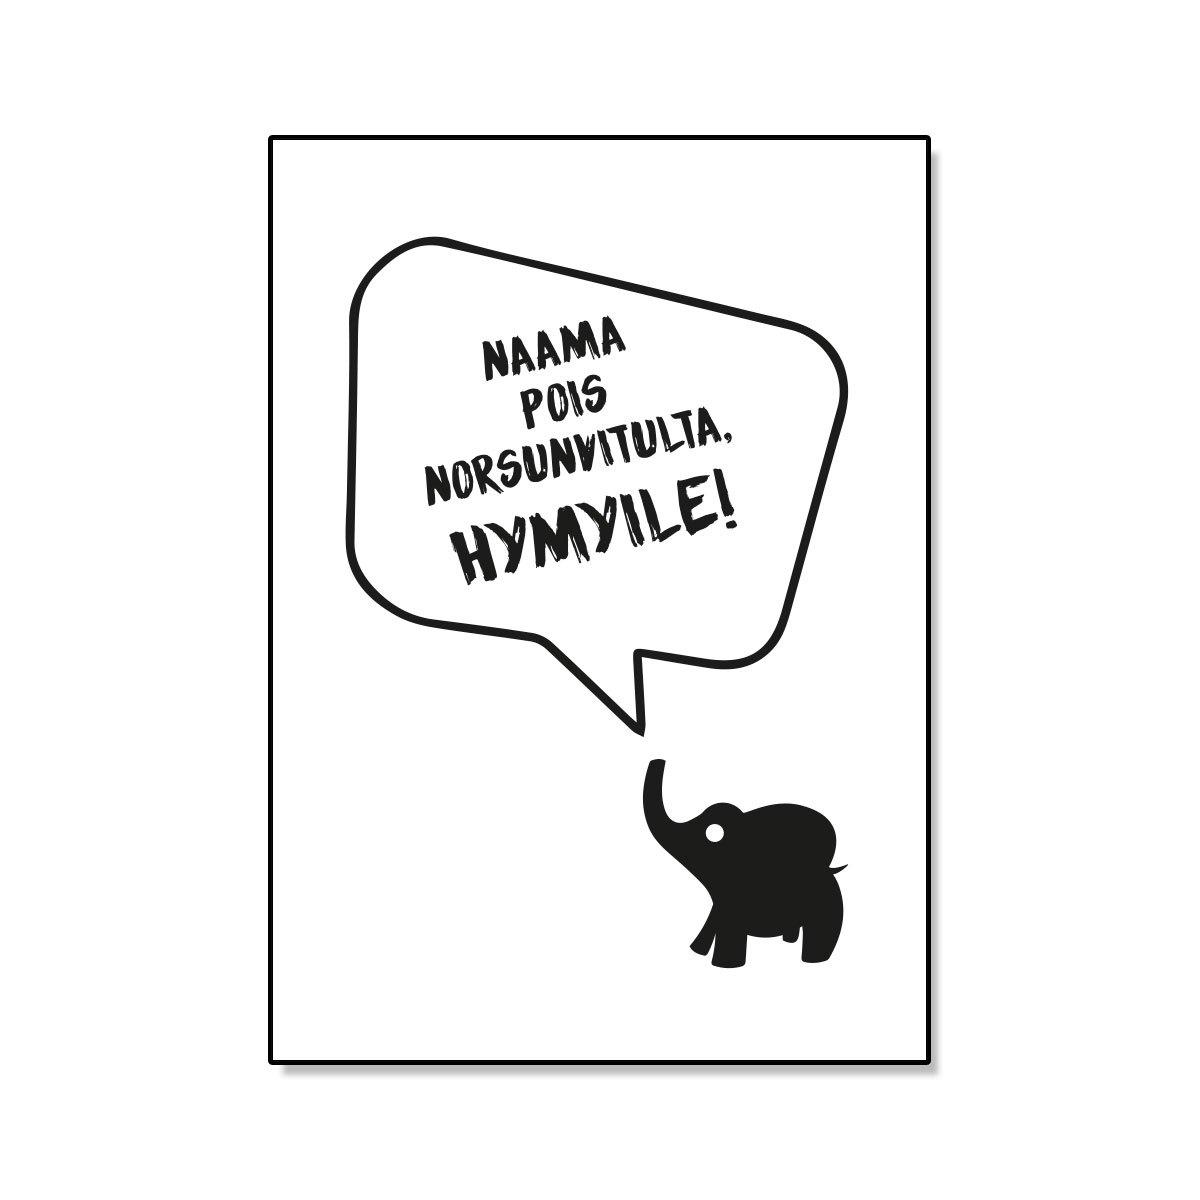 Naama pois norsunvitulta, hymyile! postikortti